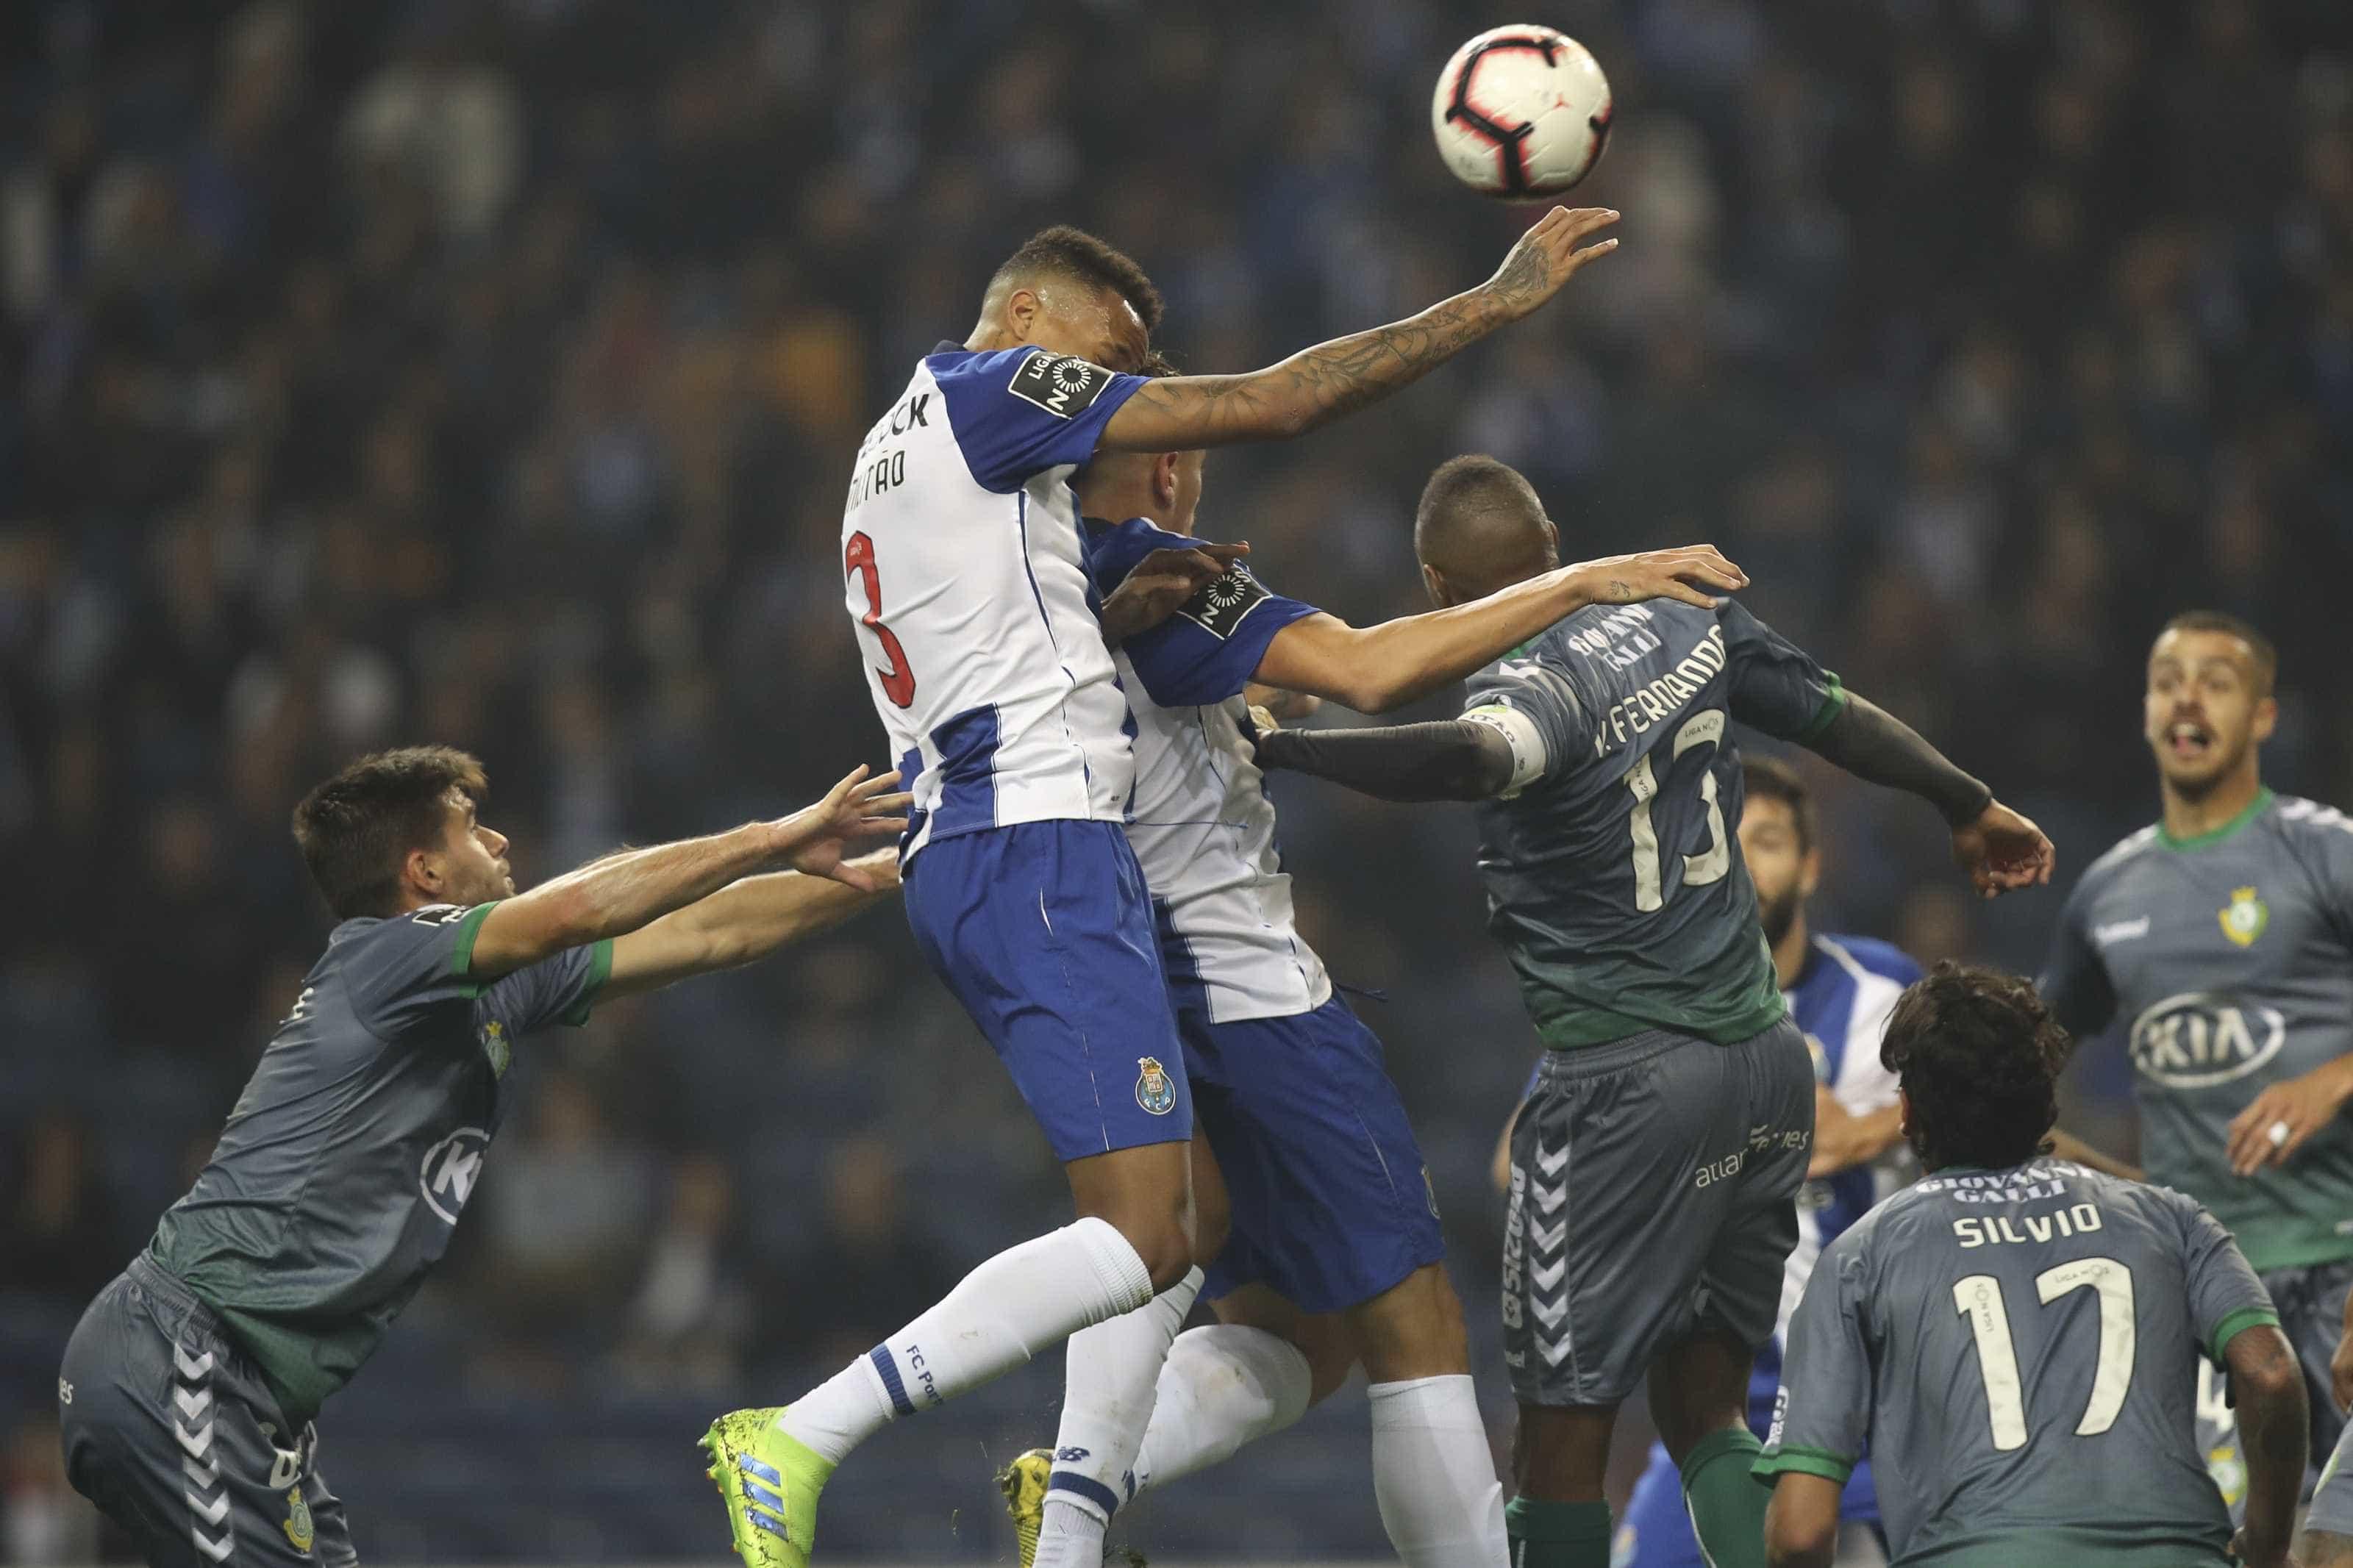 Embate com a Roma traz (pelo menos) duas mexidas no FC Porto